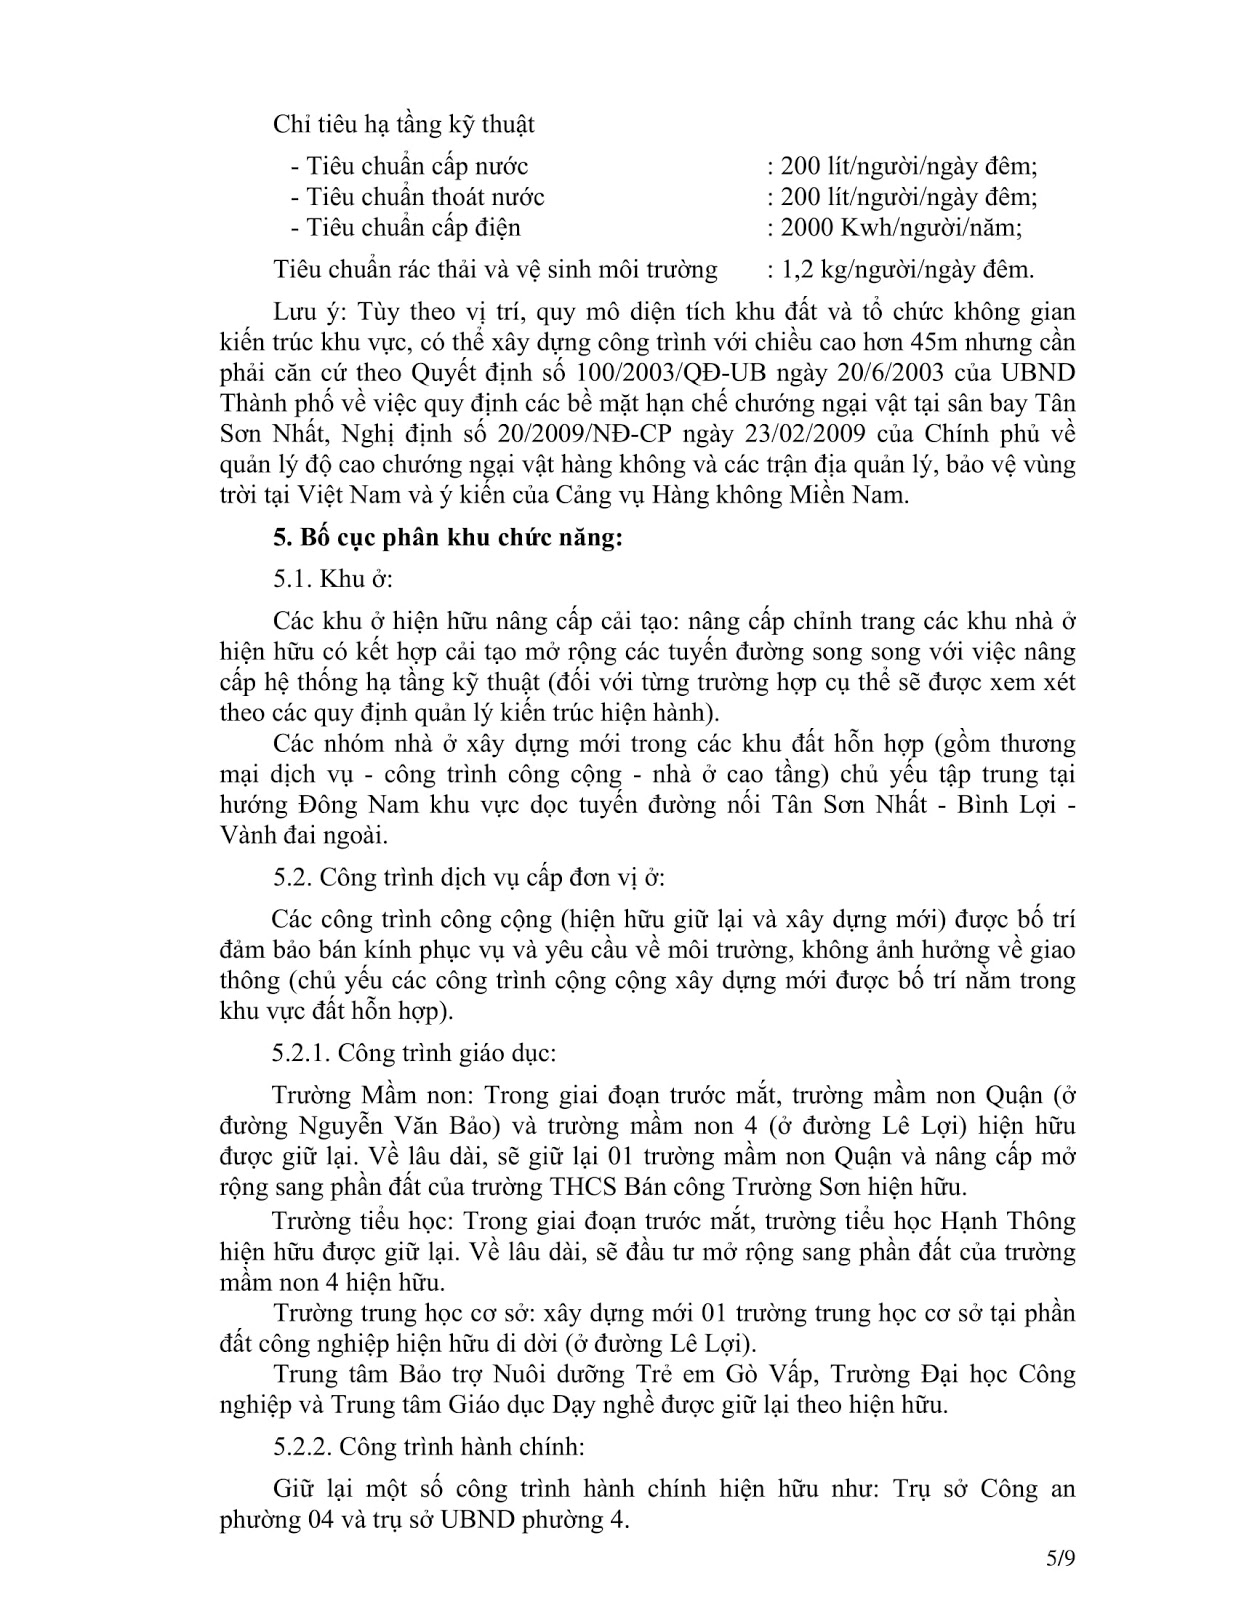 Quyết Định Số 2921/QĐ-UBND Quy Hoạch Khu Dân Cư Phường 4 Quận Gò Vấp Tờ 5